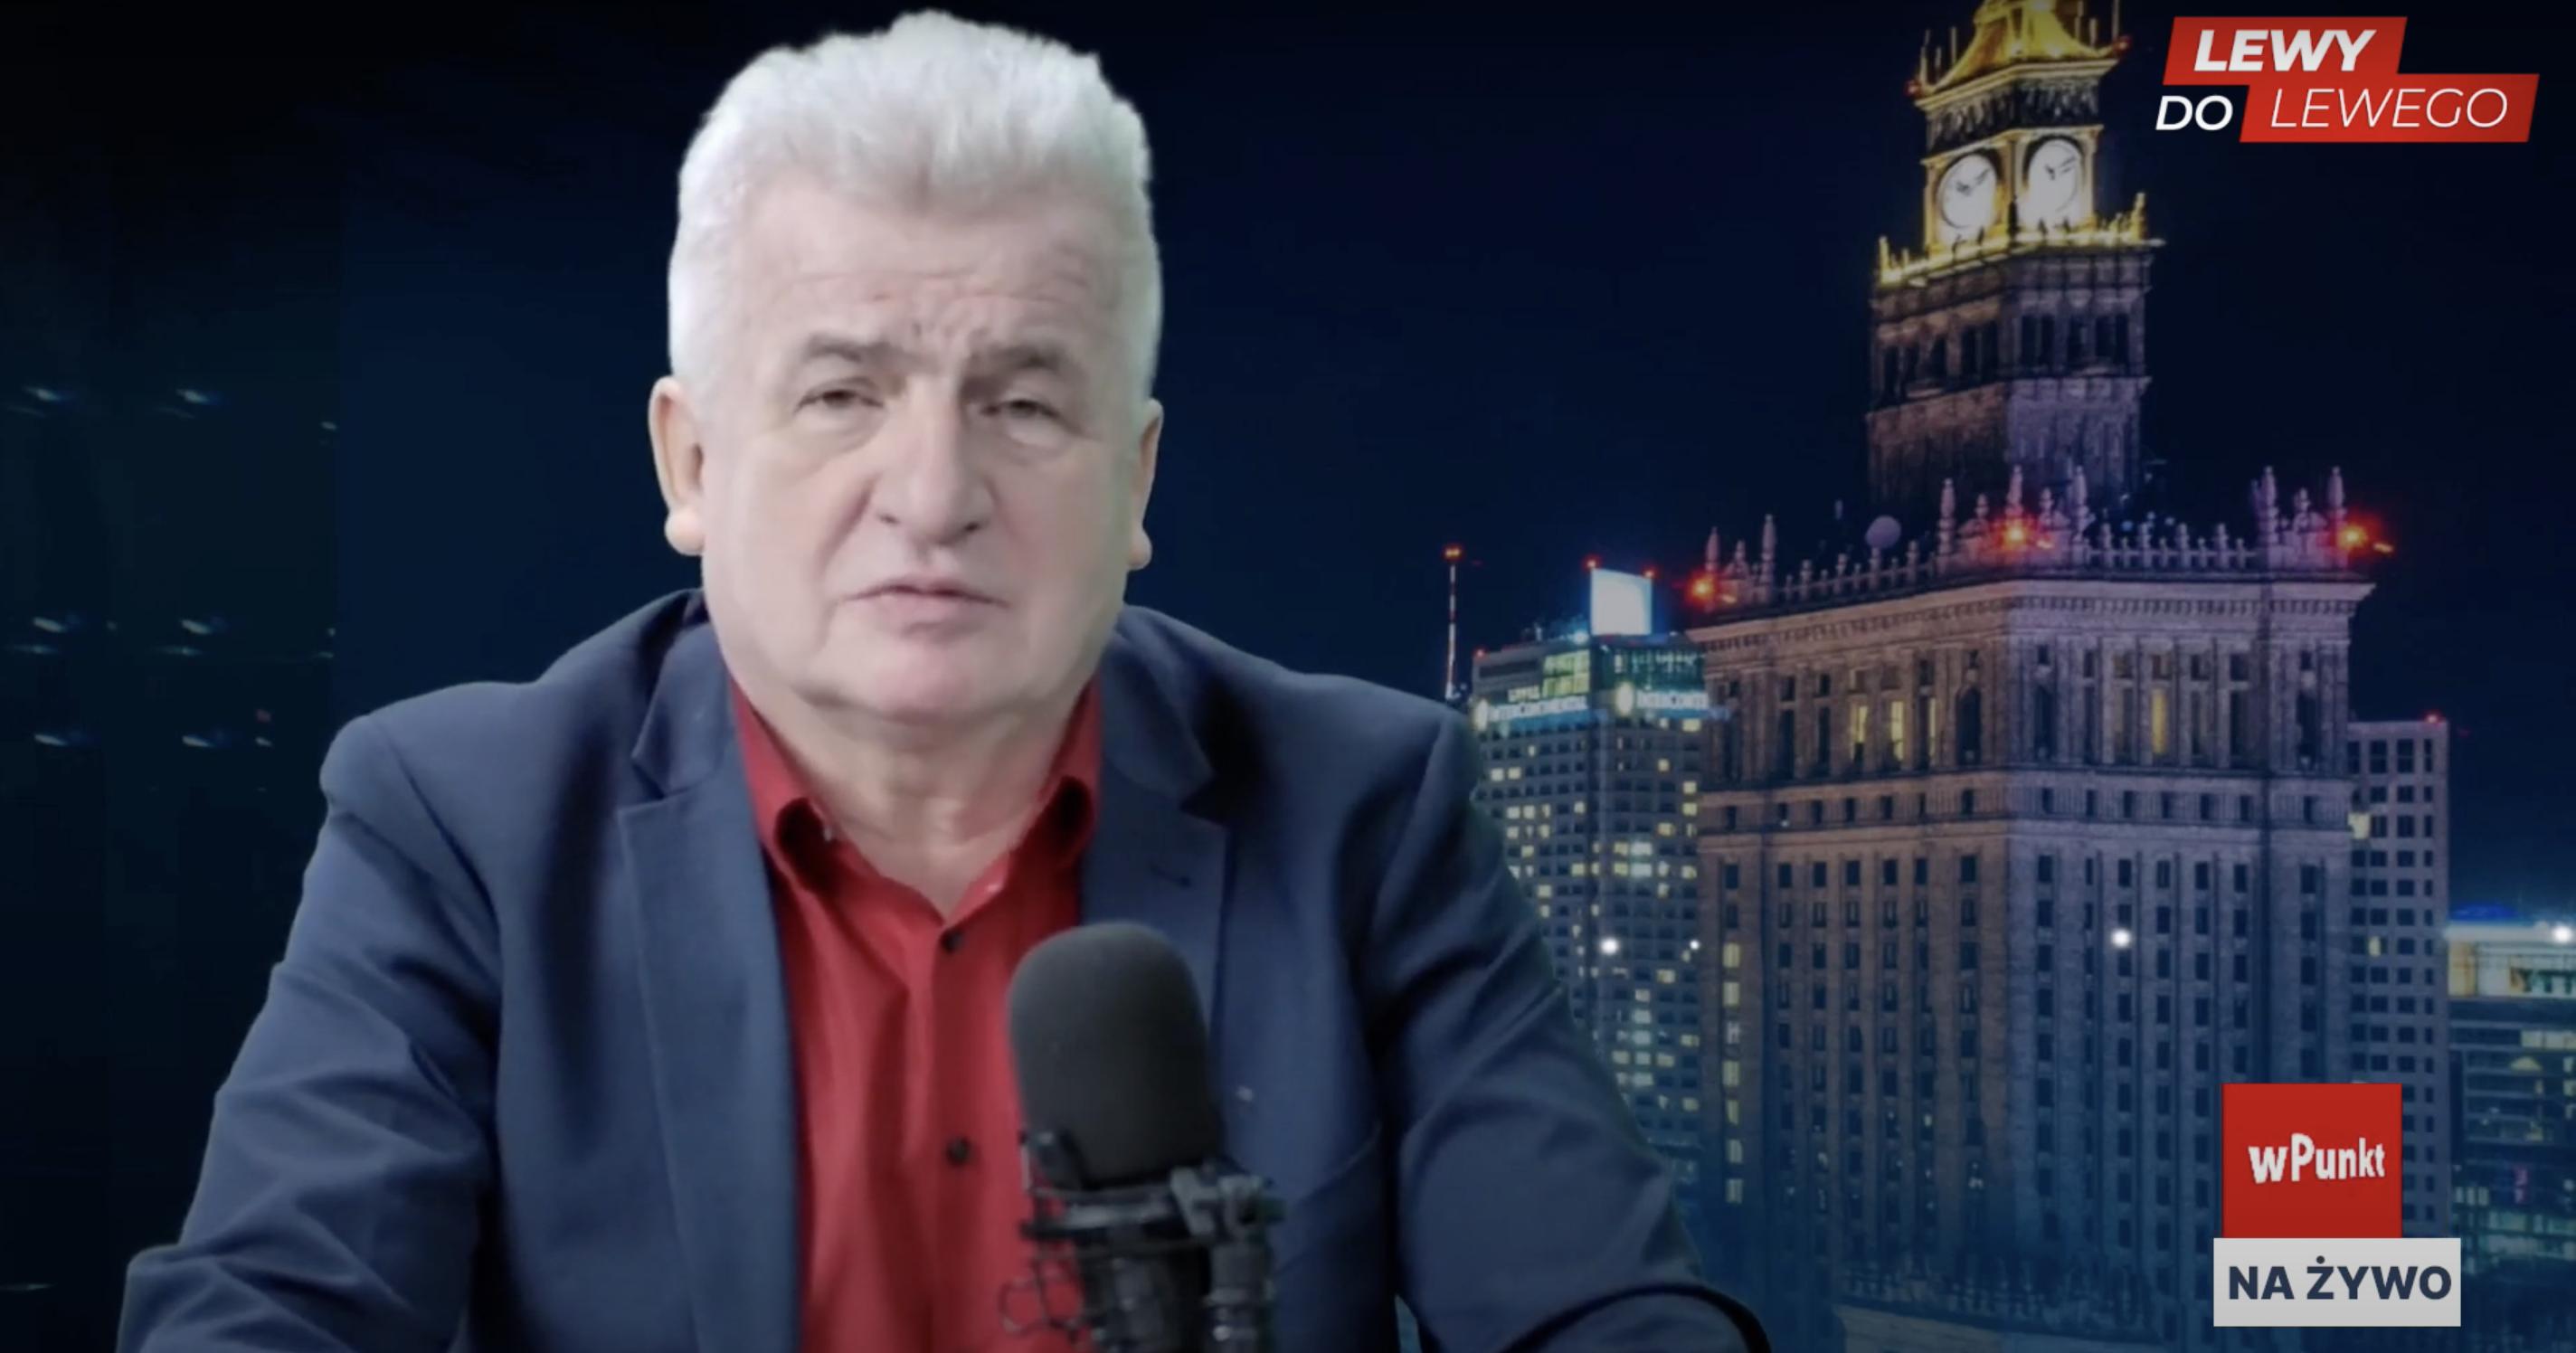 Kto się boi Piotra Ikonowicza?